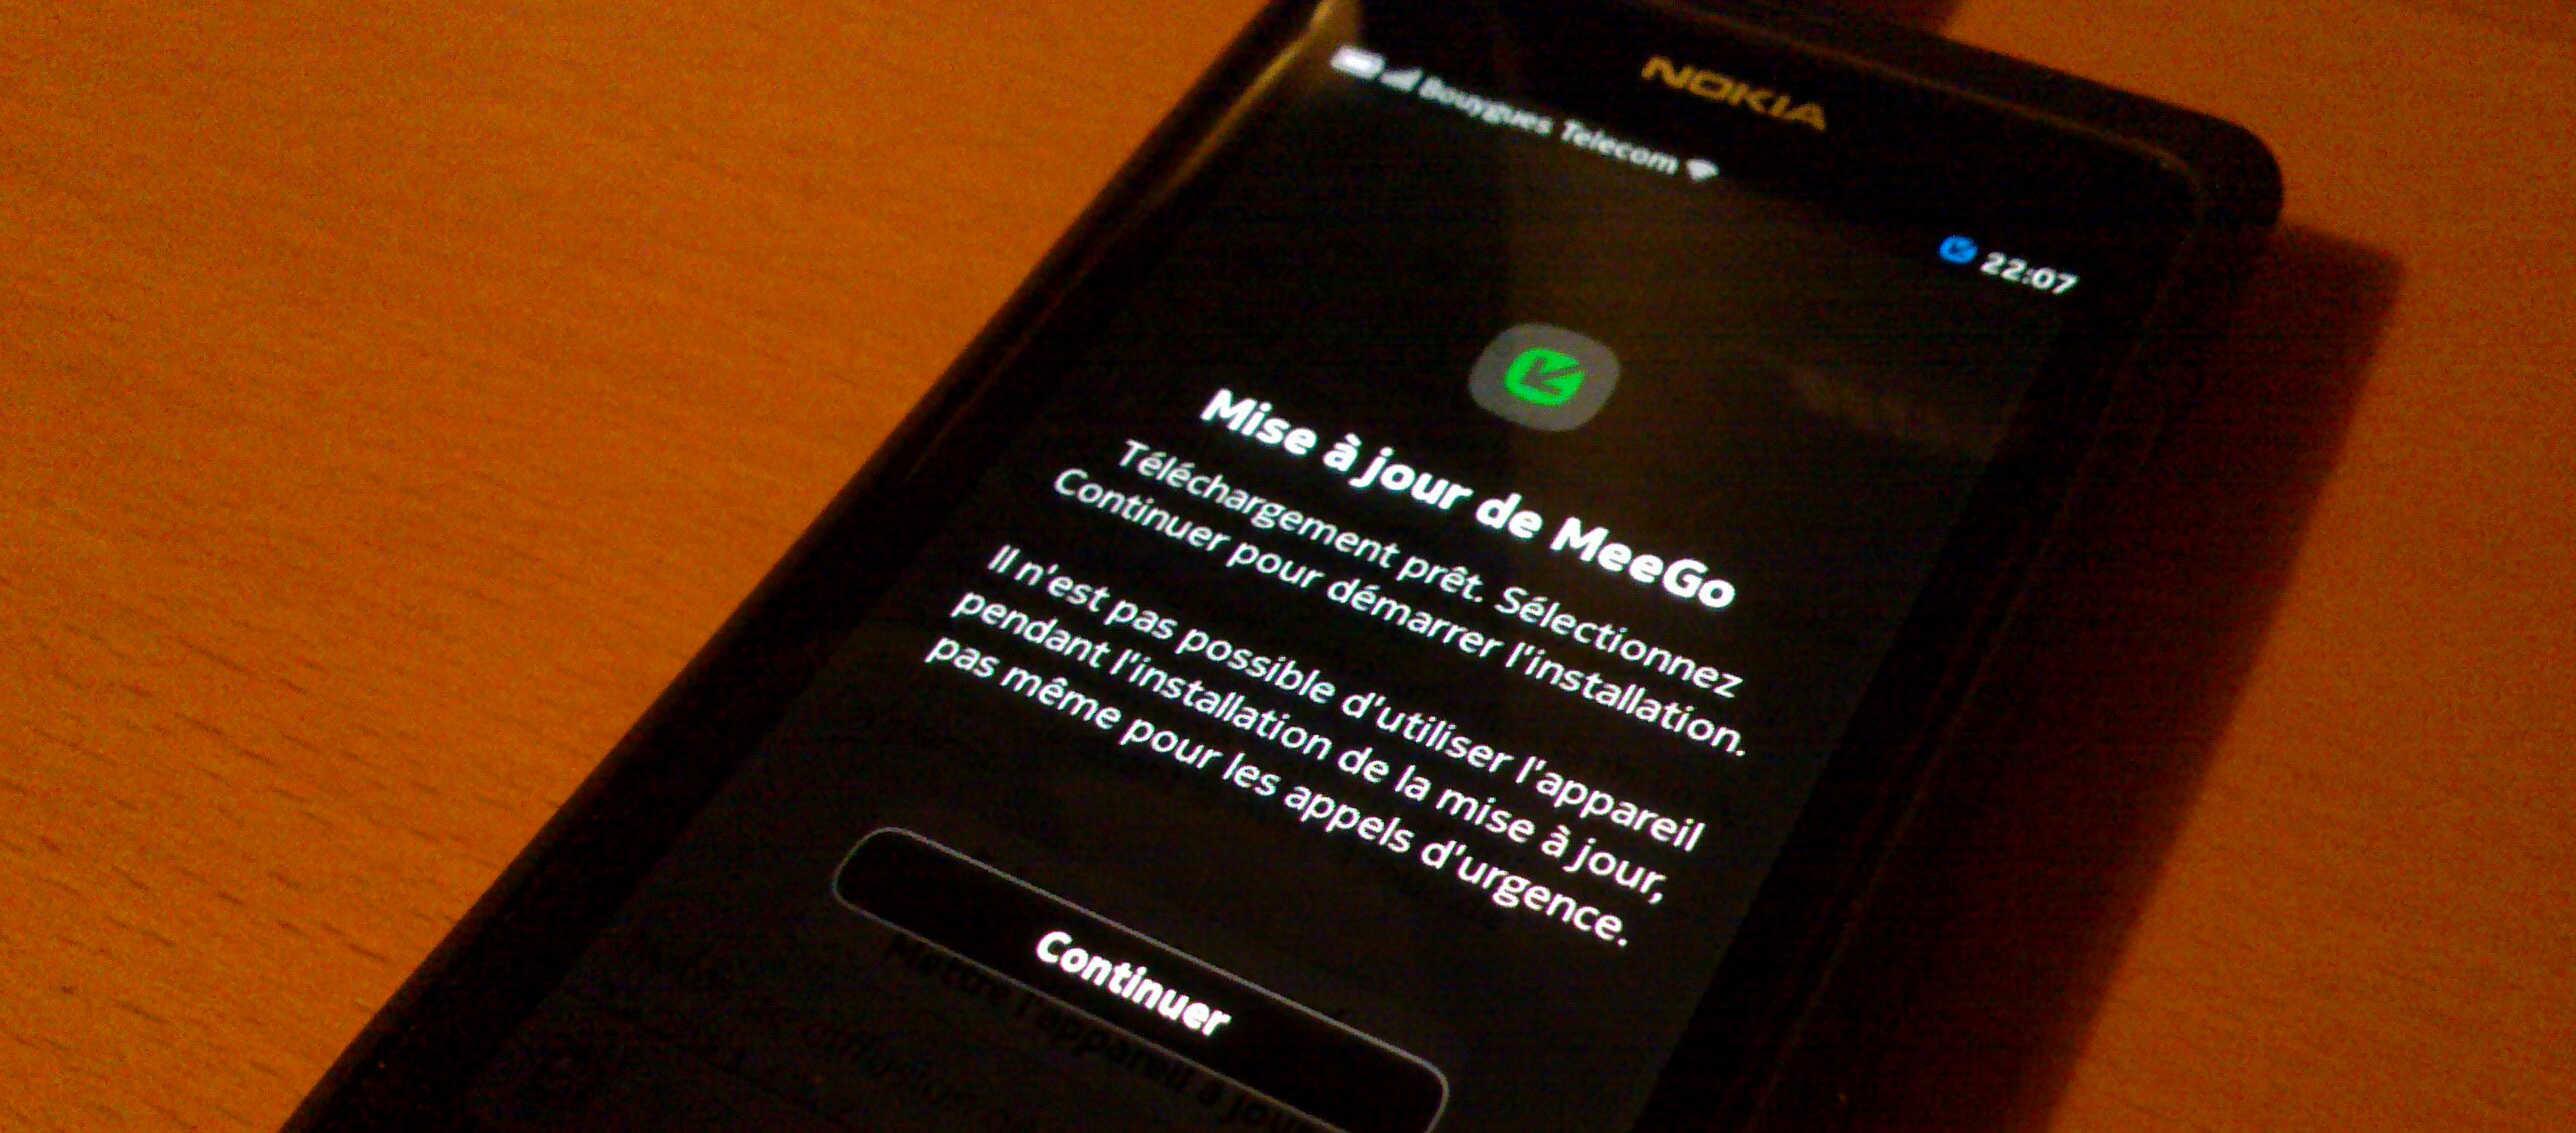 Déploiement de MeeGo-Harmattan PR 1.2 pour le Nokia N9